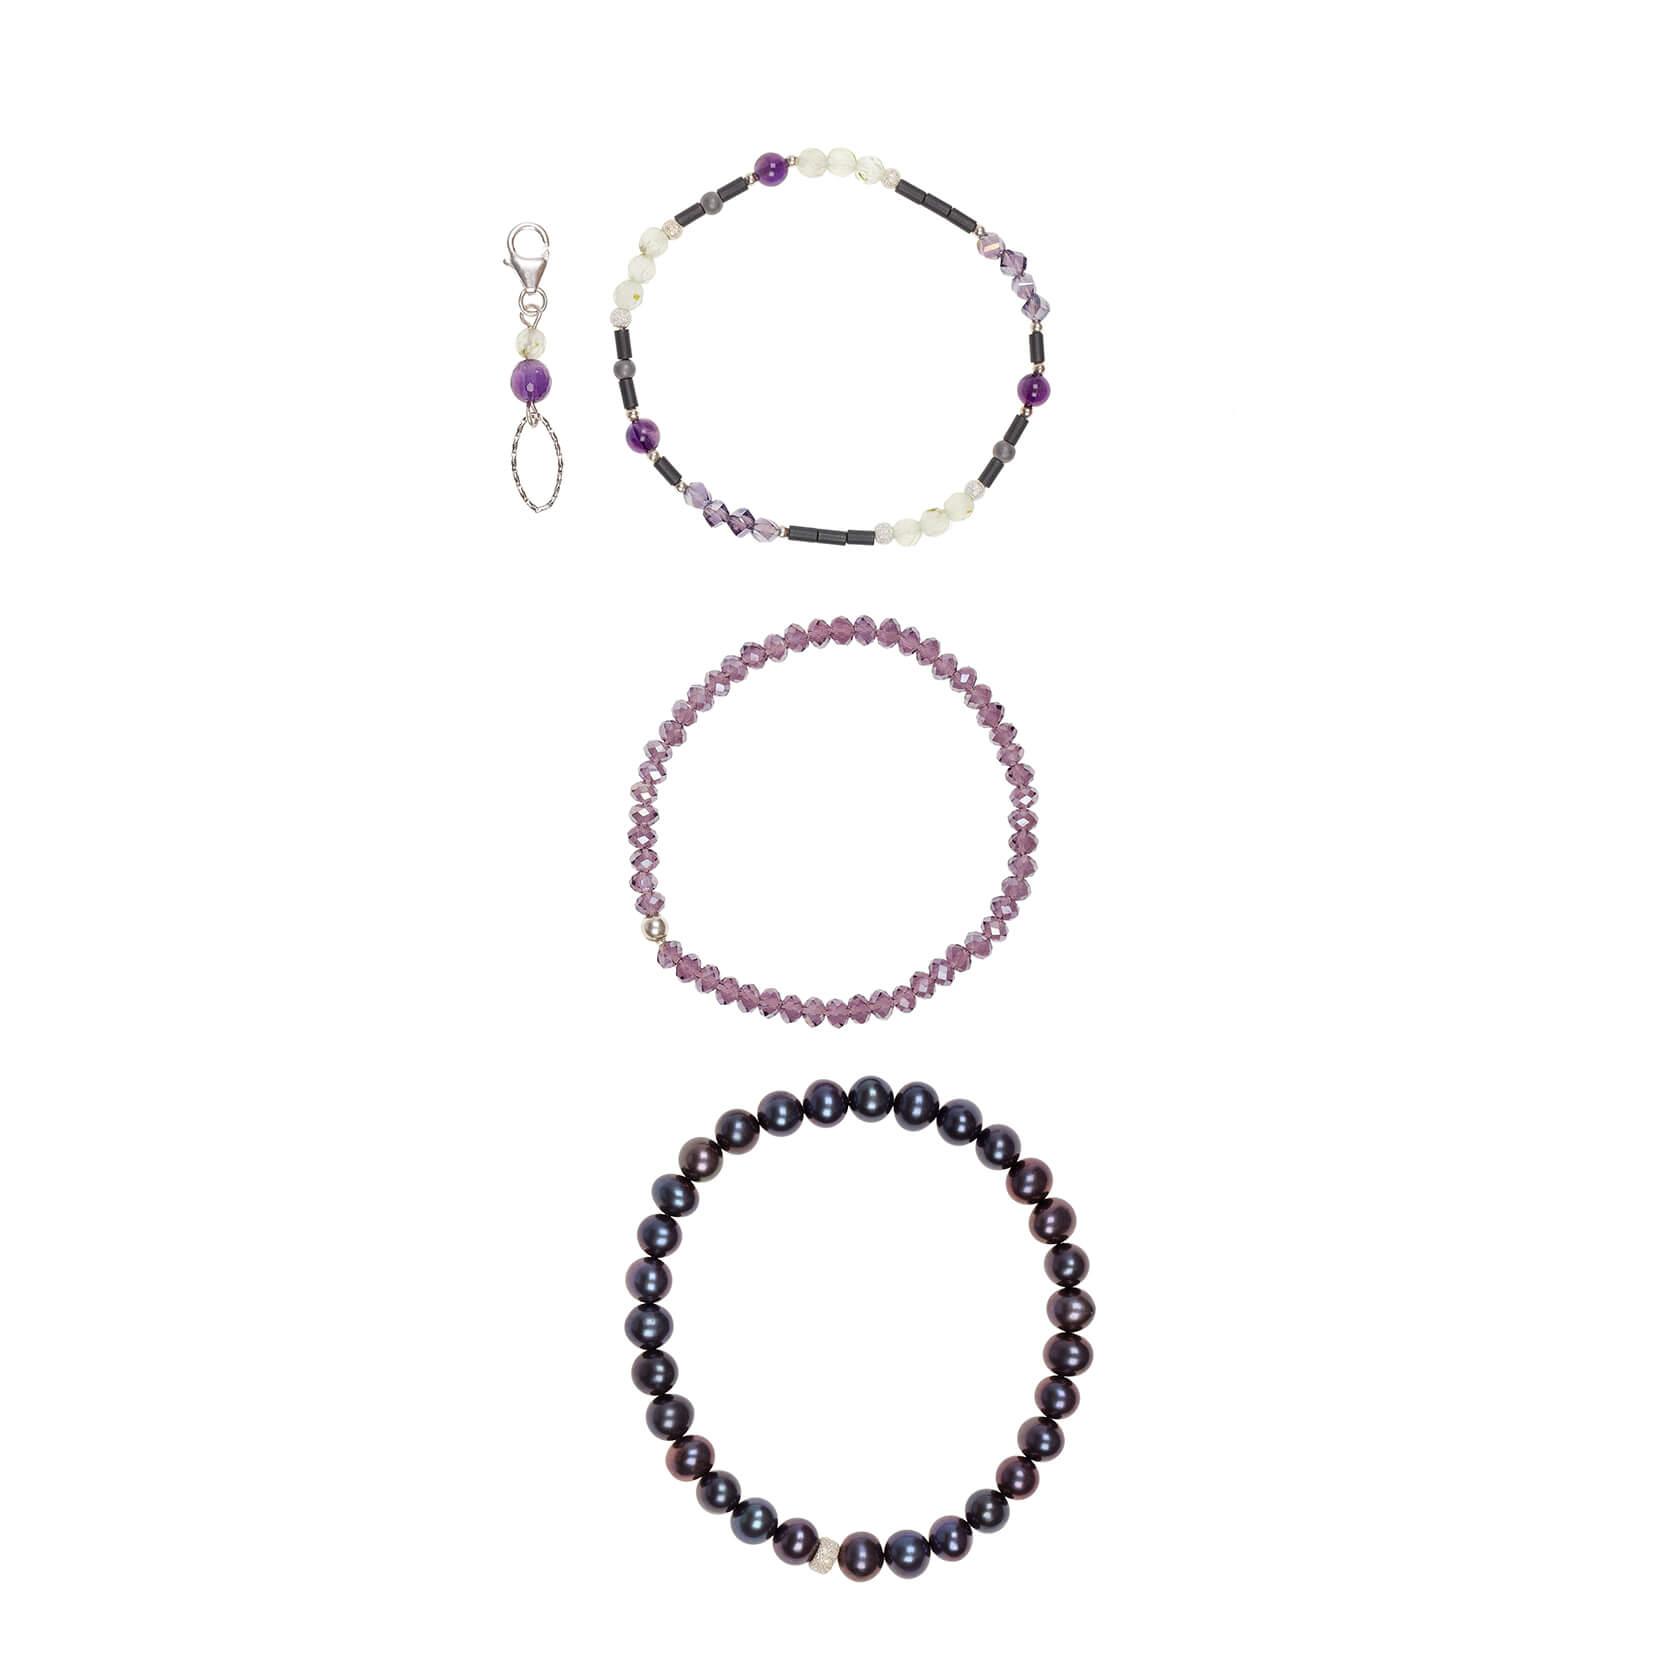 Prehnite and amethyst bracelet esenciales